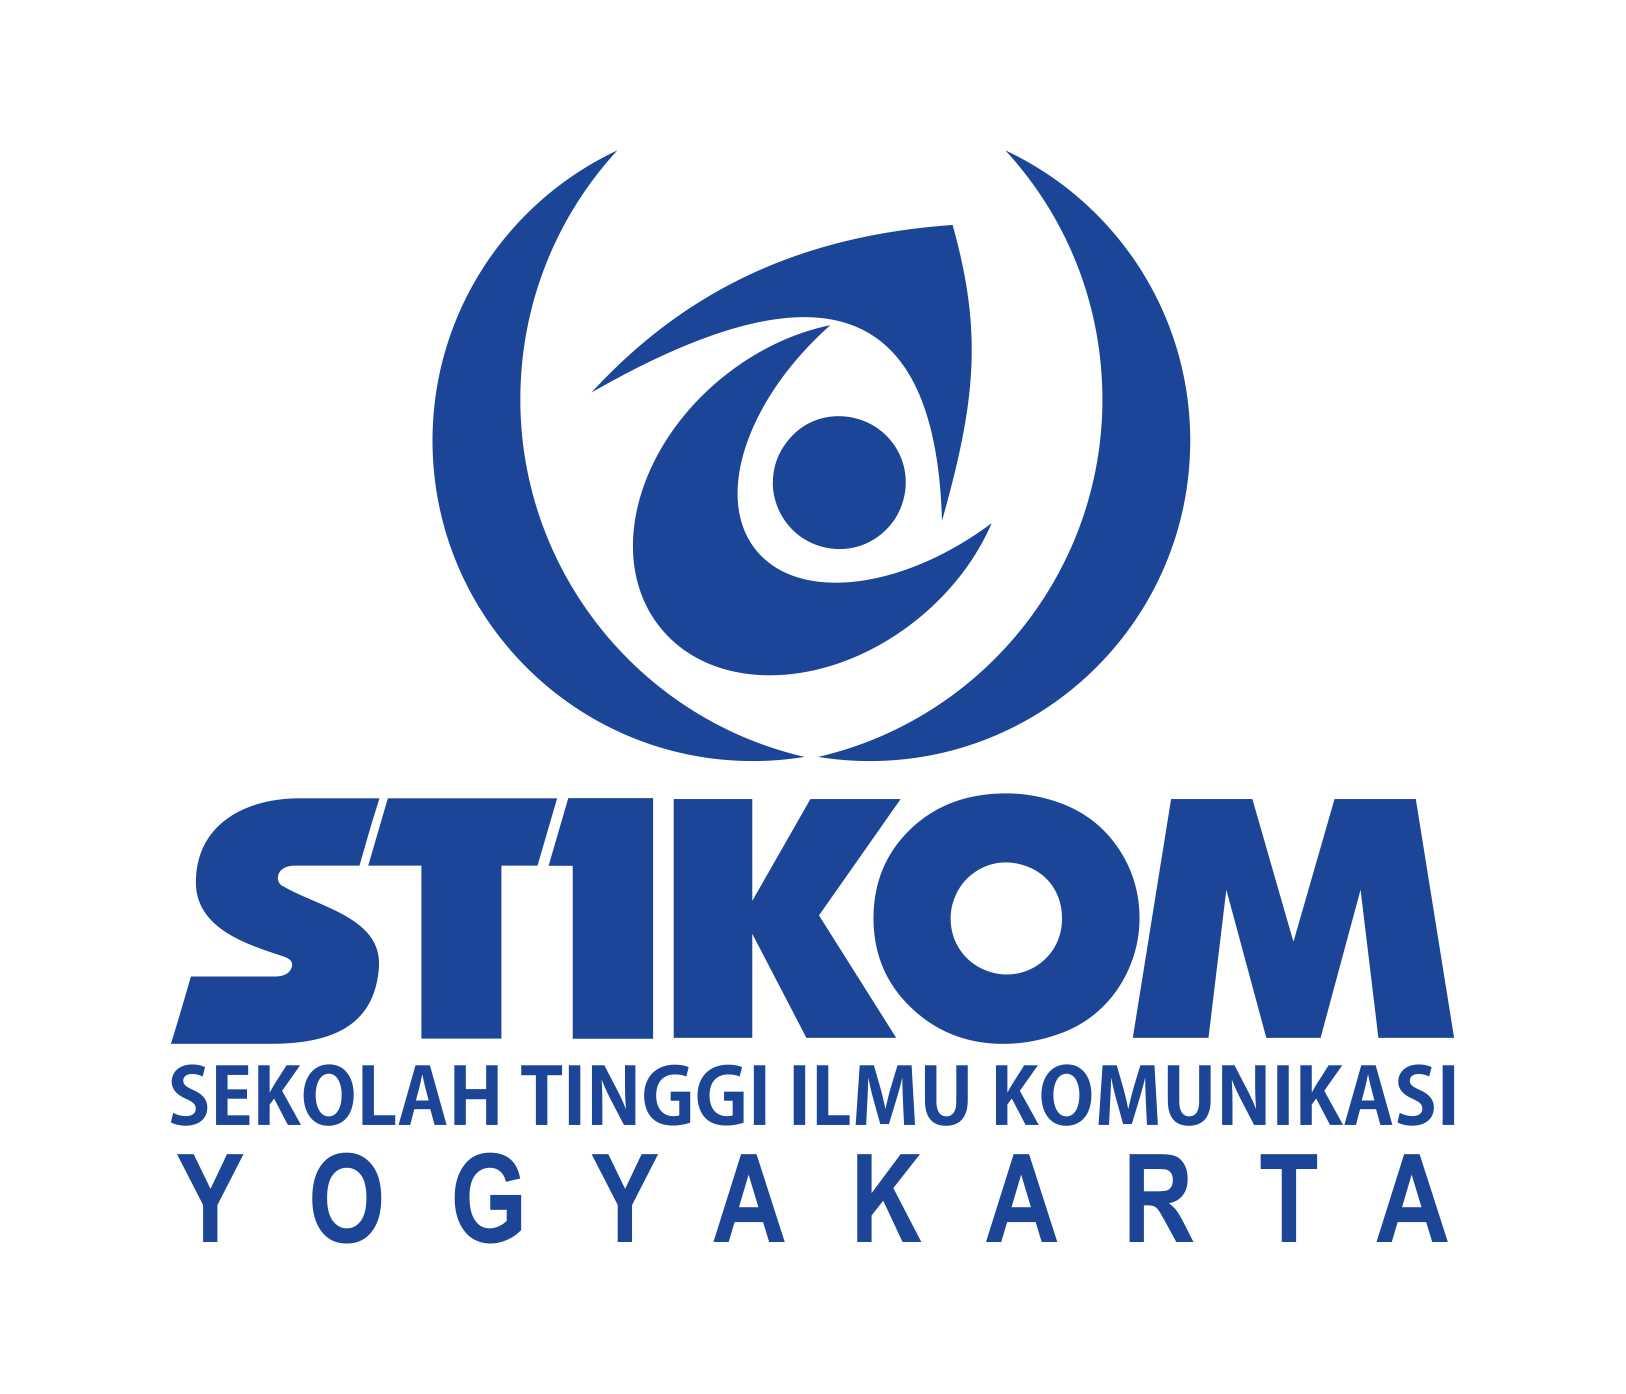 Publikasi: Kontribusi (Teknologi) Internet dalam Menggolkan Gerakan Jurnalisme Rakyat (Warga) di Indonesia: Analisis Komparatif pada Situs Kompasiana (Kelompok Kompas Gramedia), Pewarta Indonesia (Kelompok PPWI), dan Kabar Indonesia (Kelompok HOKI)